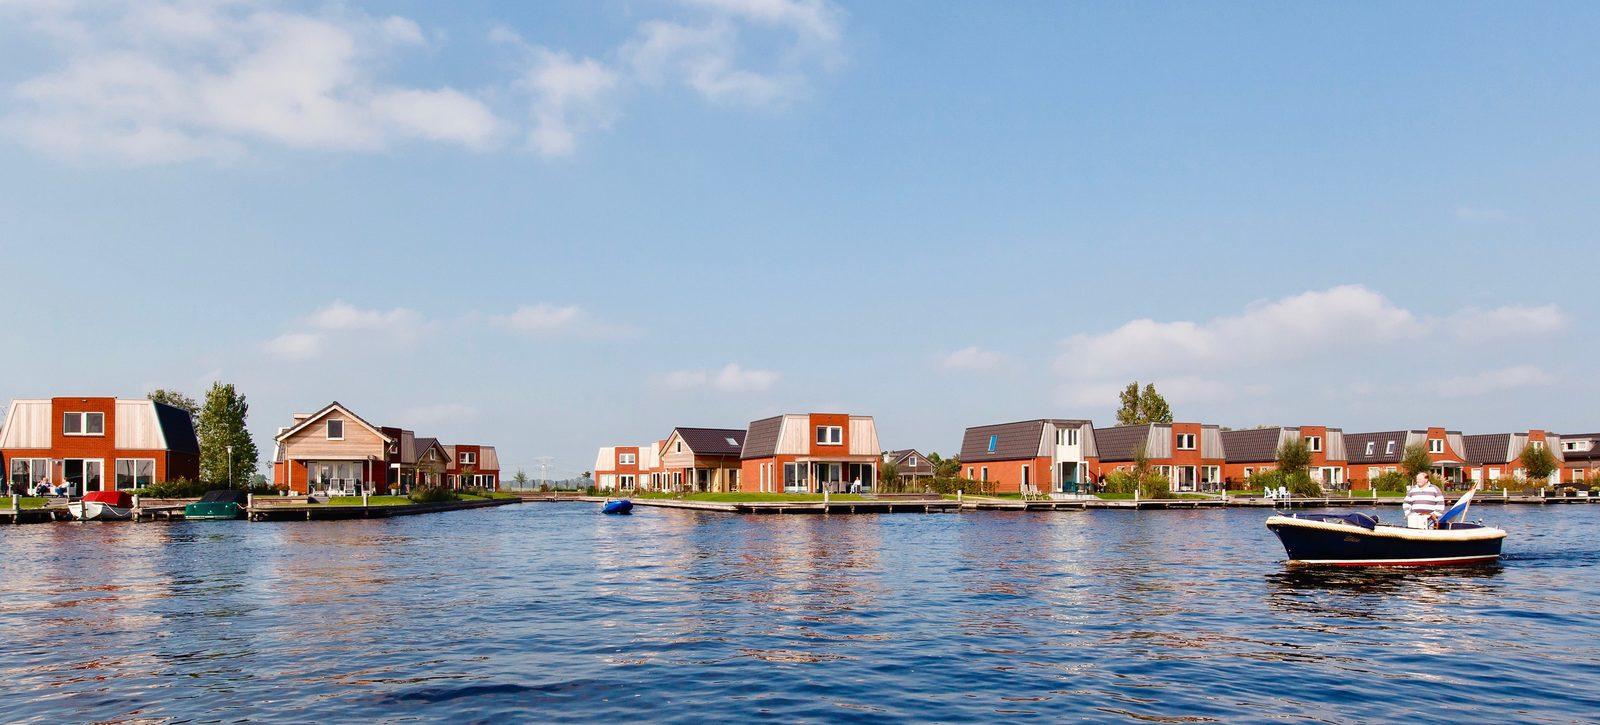 Tusken de Marren - Ferienpark in Friesland